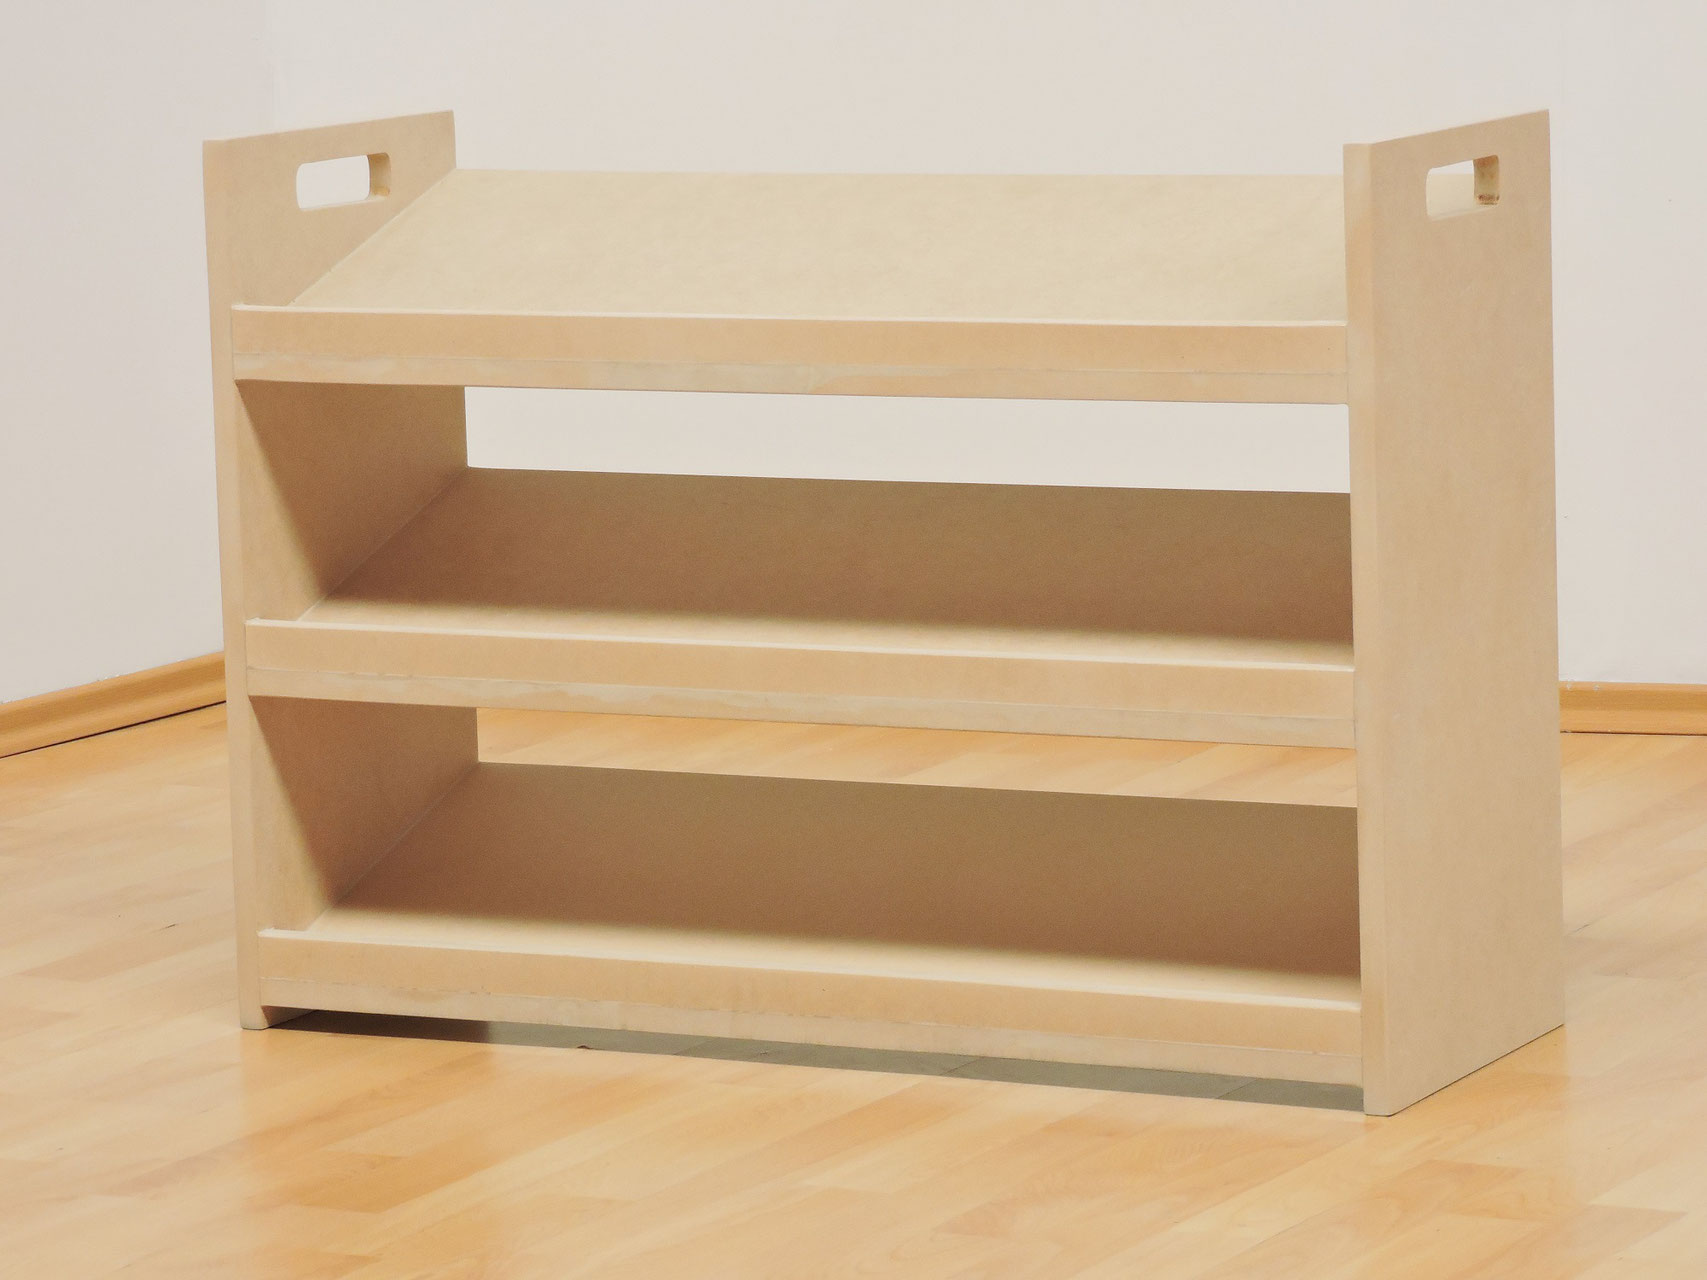 zapateras muebles gm muebles de madera